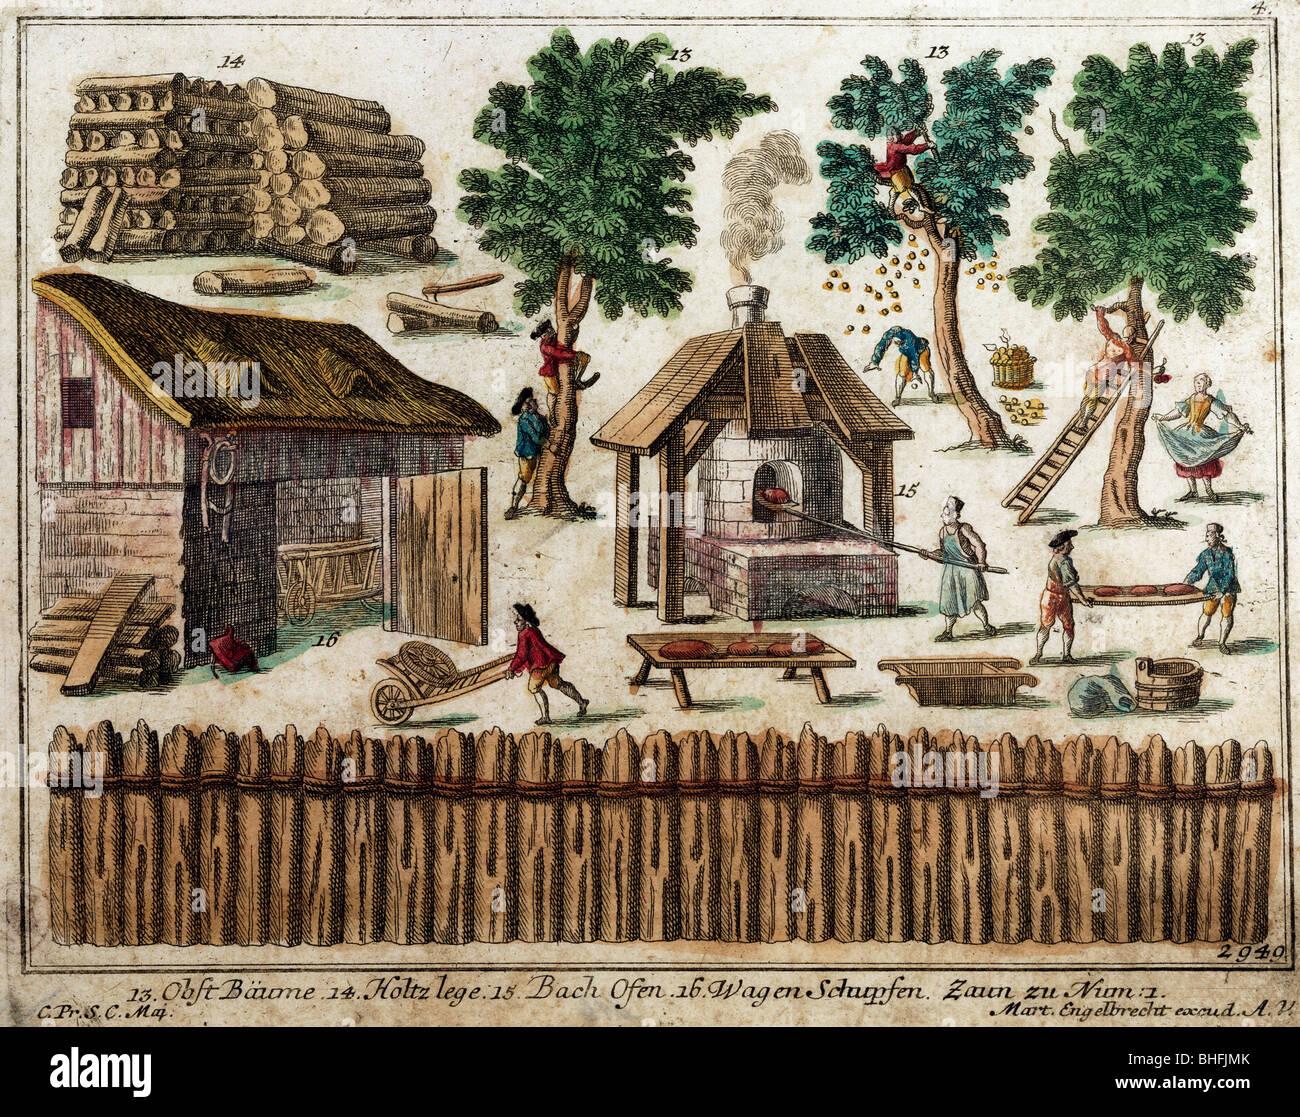 Literatur, Bilderbuch, Obstbäumen, Wald Camp, Bäckerei, Rad, Zaun, Collage, farbige Kupferstiche von Martin Stockbild